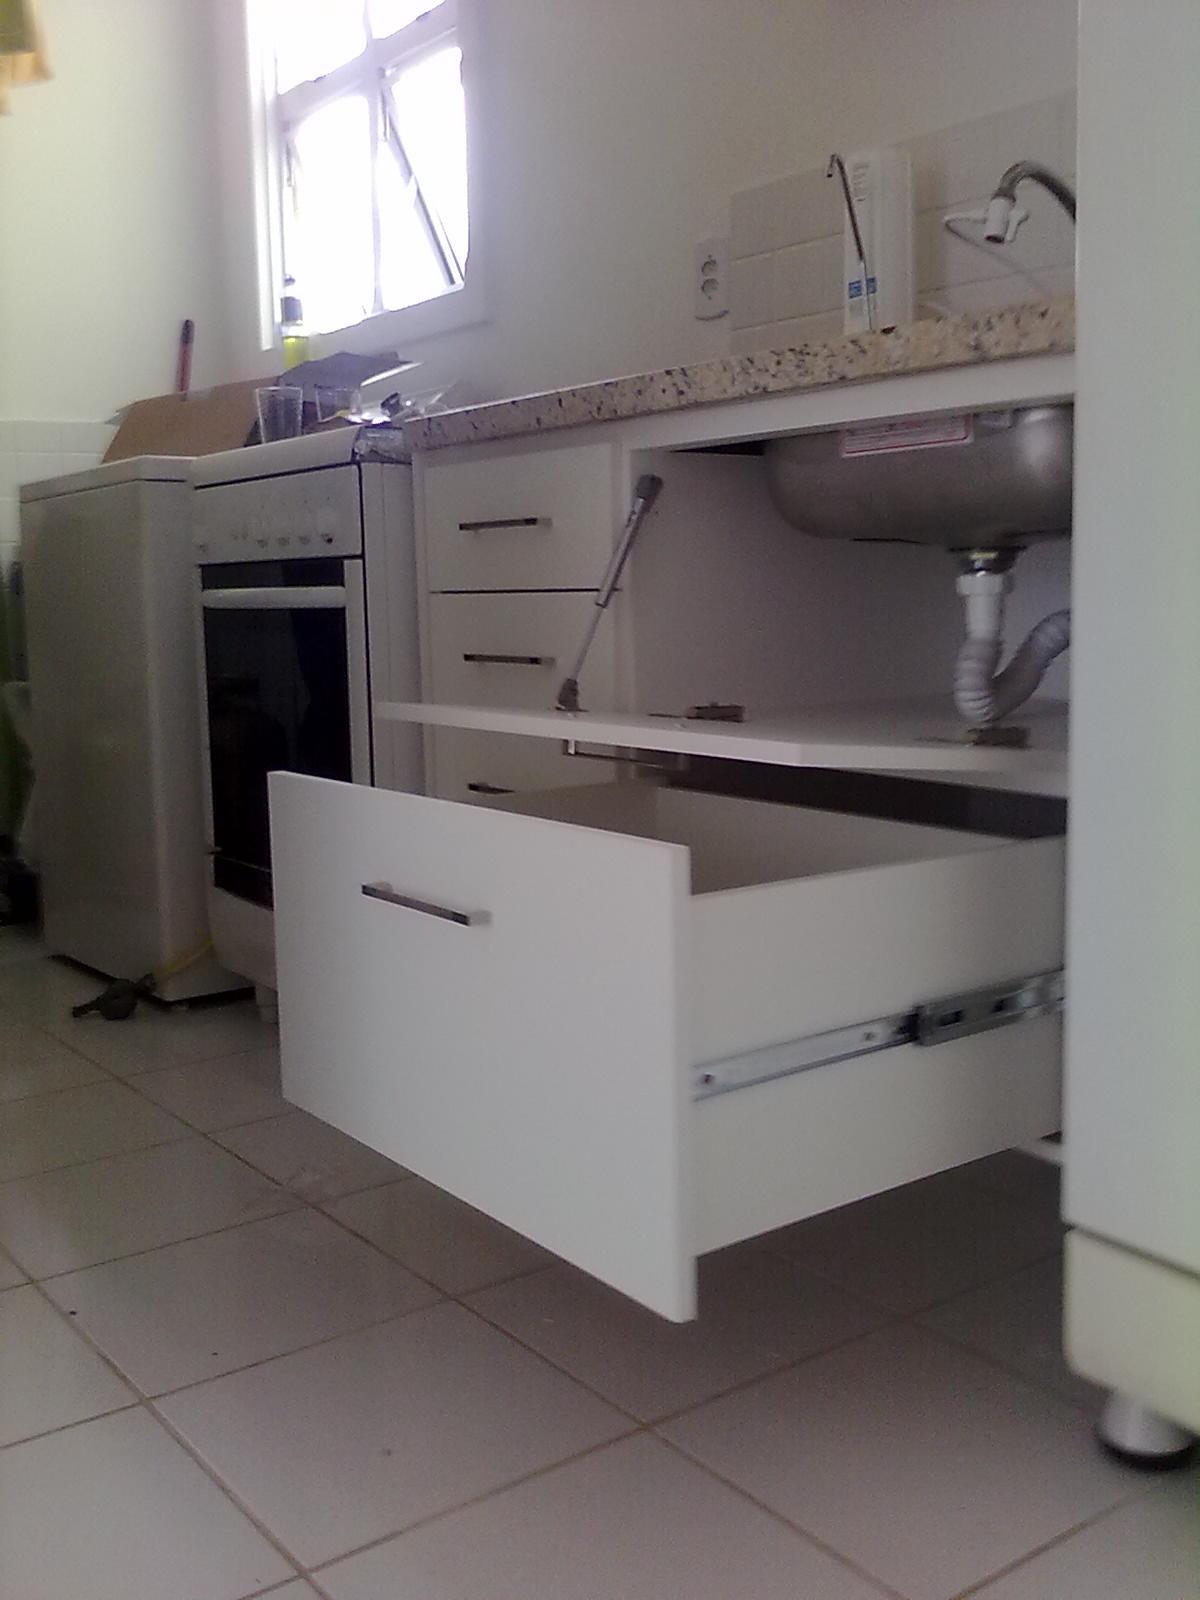 Gabinete de pia de cozinha. #716F5A 1200 1600